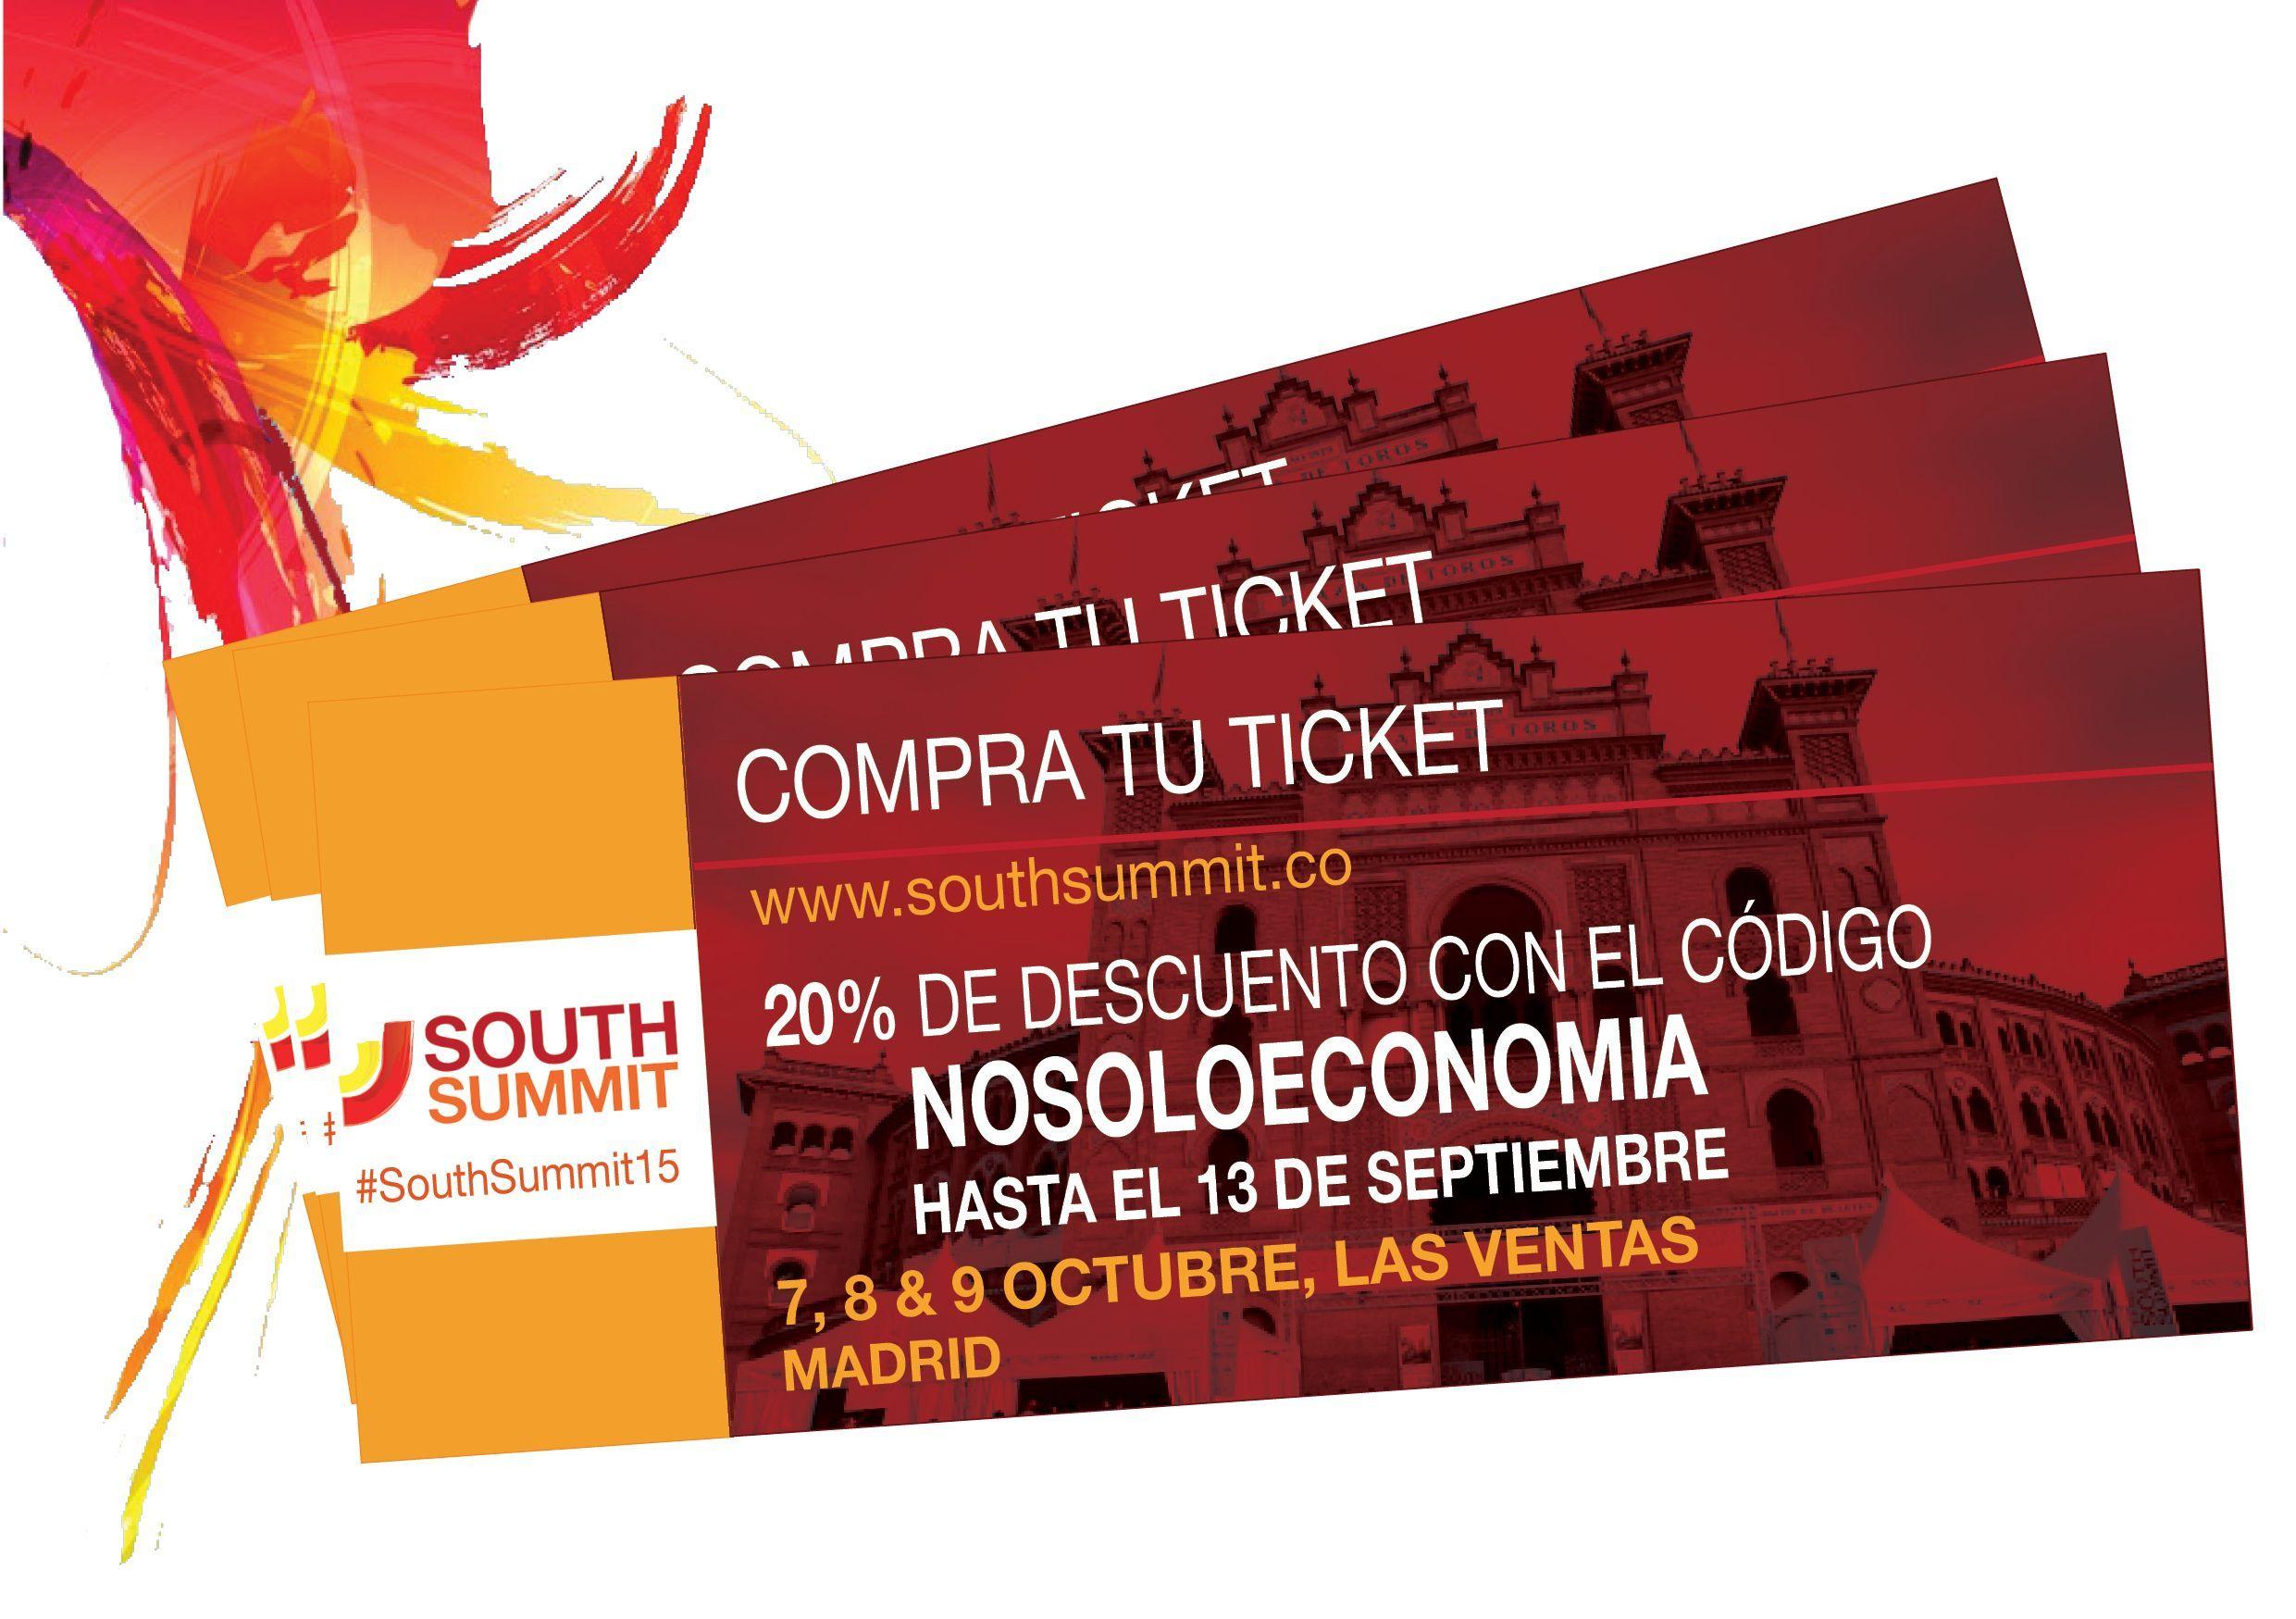 South Summit y NoSoloEconomia te ofrecen un 20% de descuento en tu entrada